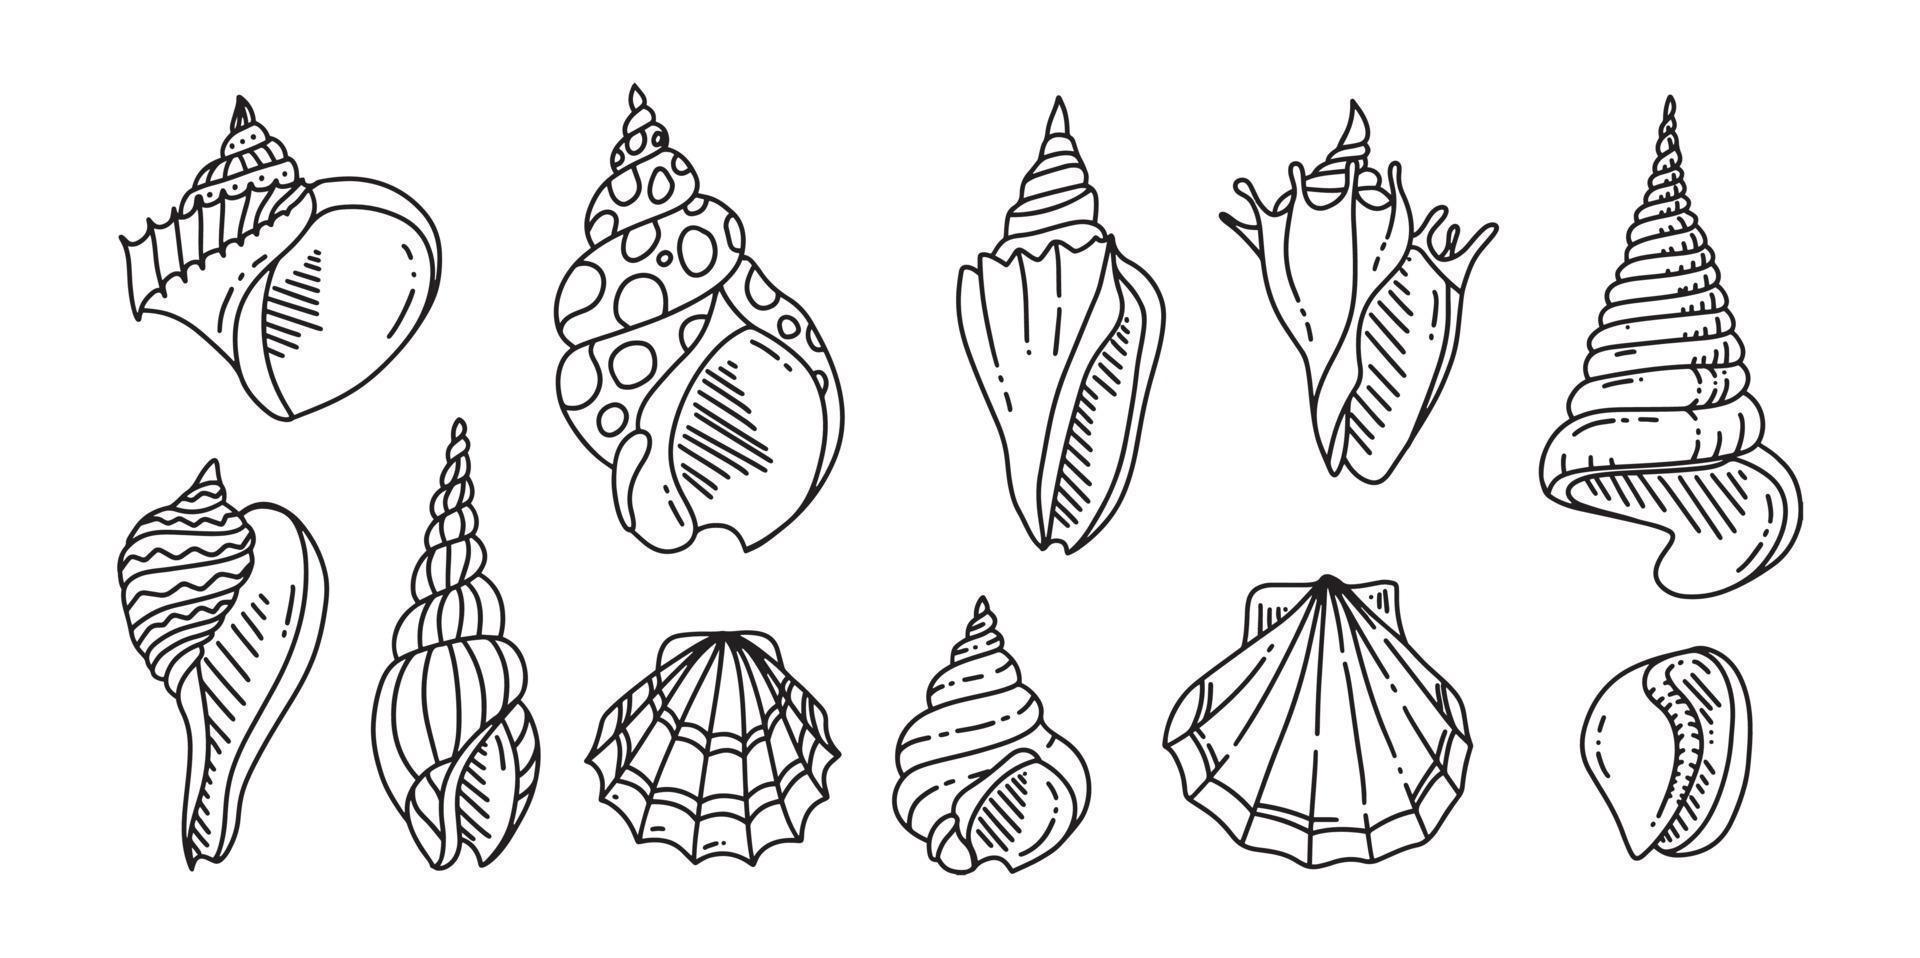 doodle uppsättning havsskal. olika skal i konturer. ritad för hand. vektor